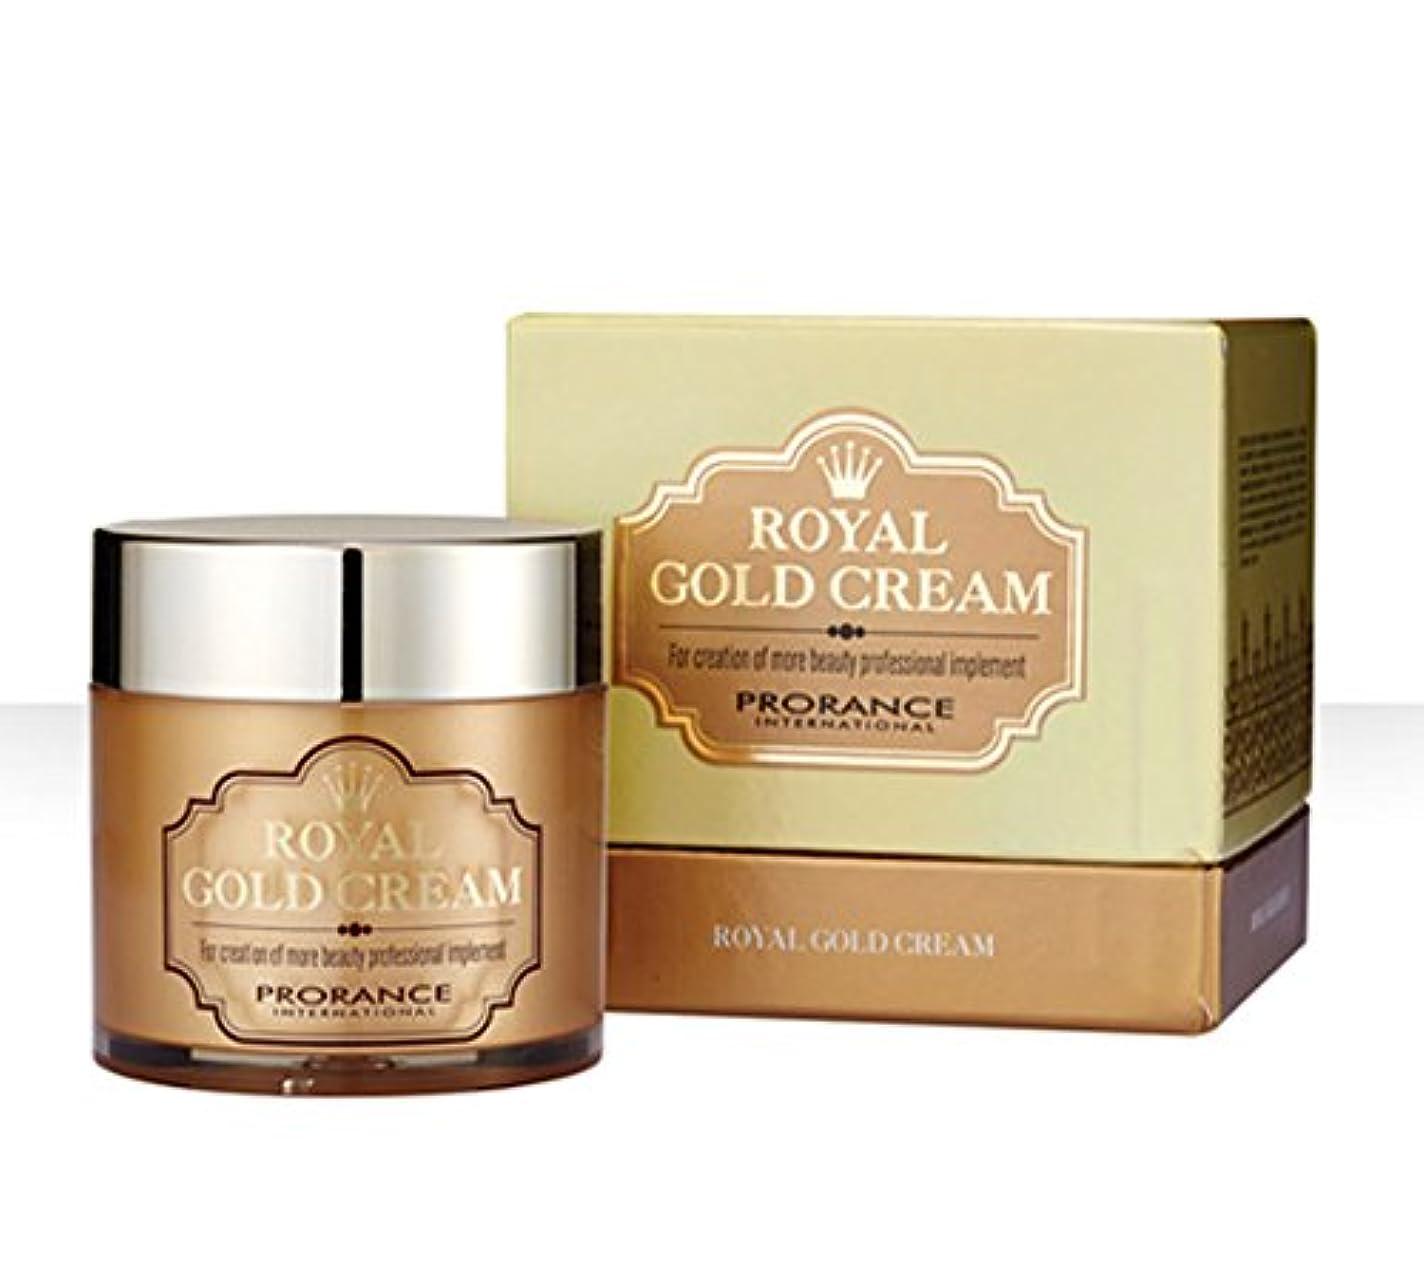 たくさんのデコードする手錠[PRORANCE] ロイヤルゴールドクリーム70ml /保湿?美白/純金(純度99.9%)/韓国化粧品/ Royal Gold Cream 70ml/moisturizing,whitening/pure gold(99.9% purity)/Korean Cosmetics [並行輸入品]